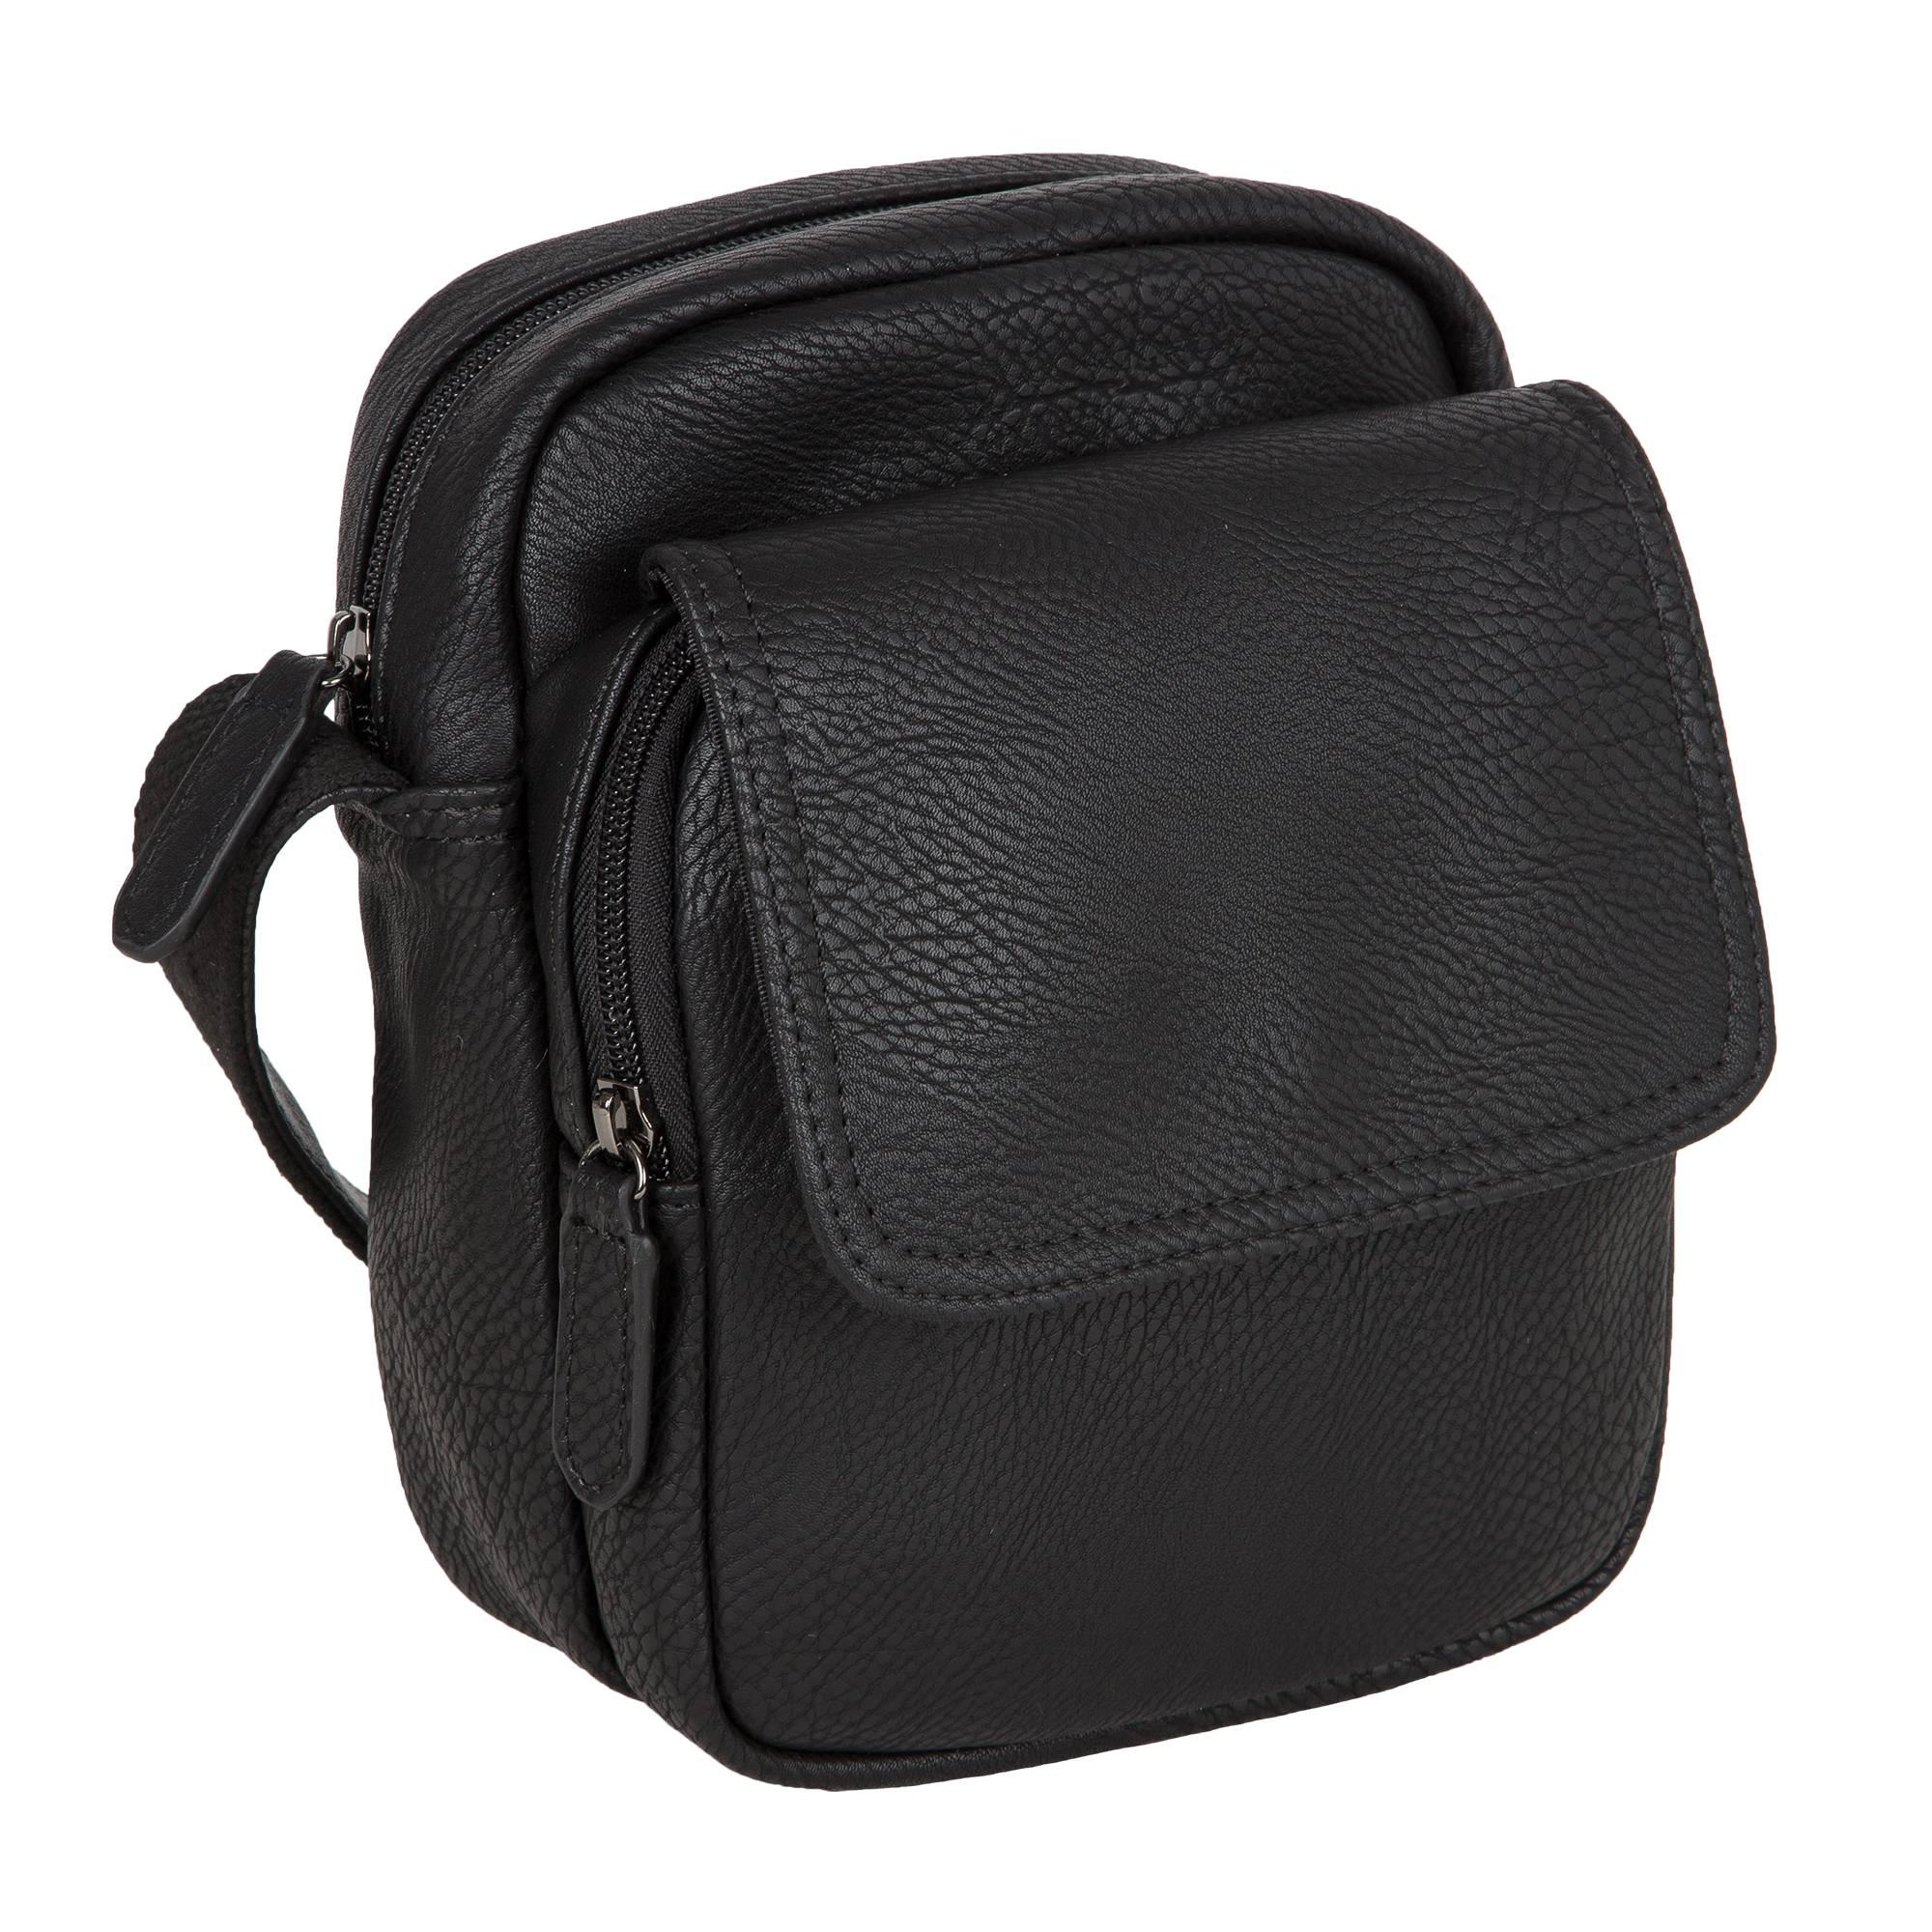 7ce1d7d39b4c Купить мужские сумки оптом от производителя в Москве - интернет-магазин Pola .ru